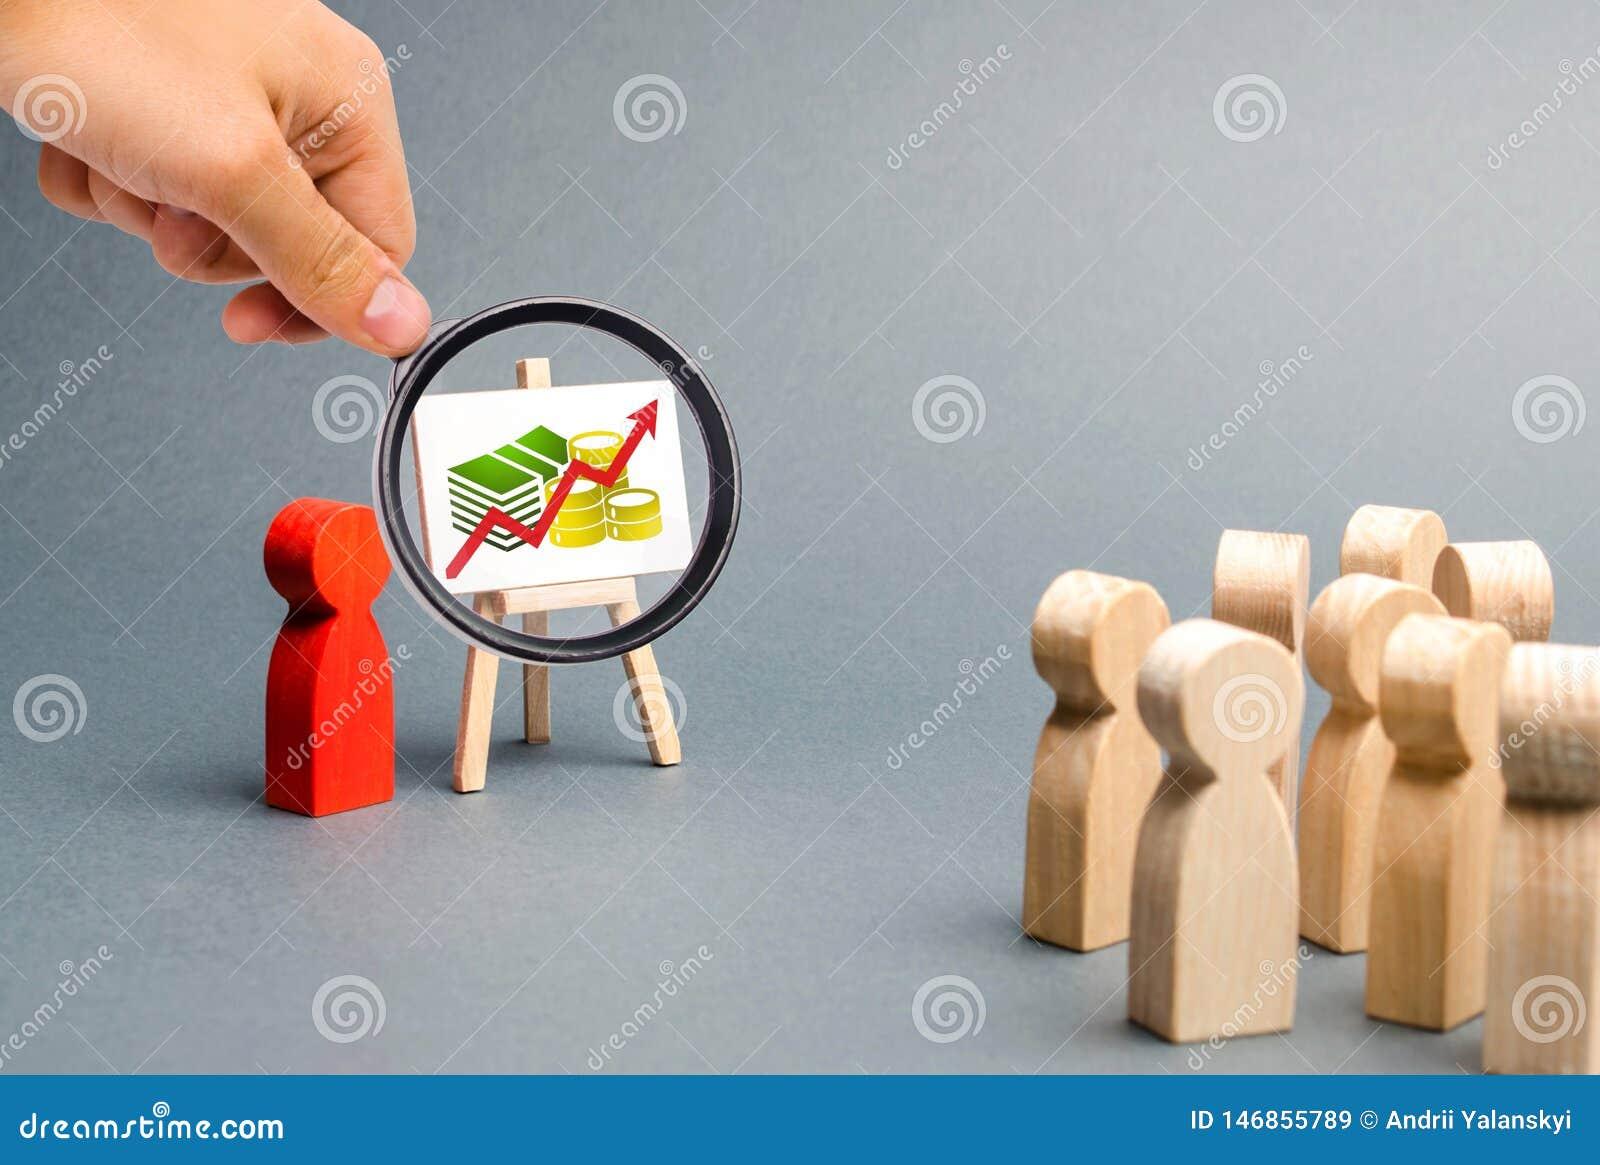 放大镜看一个人介绍对人简报,关于经营战略的讨论人群